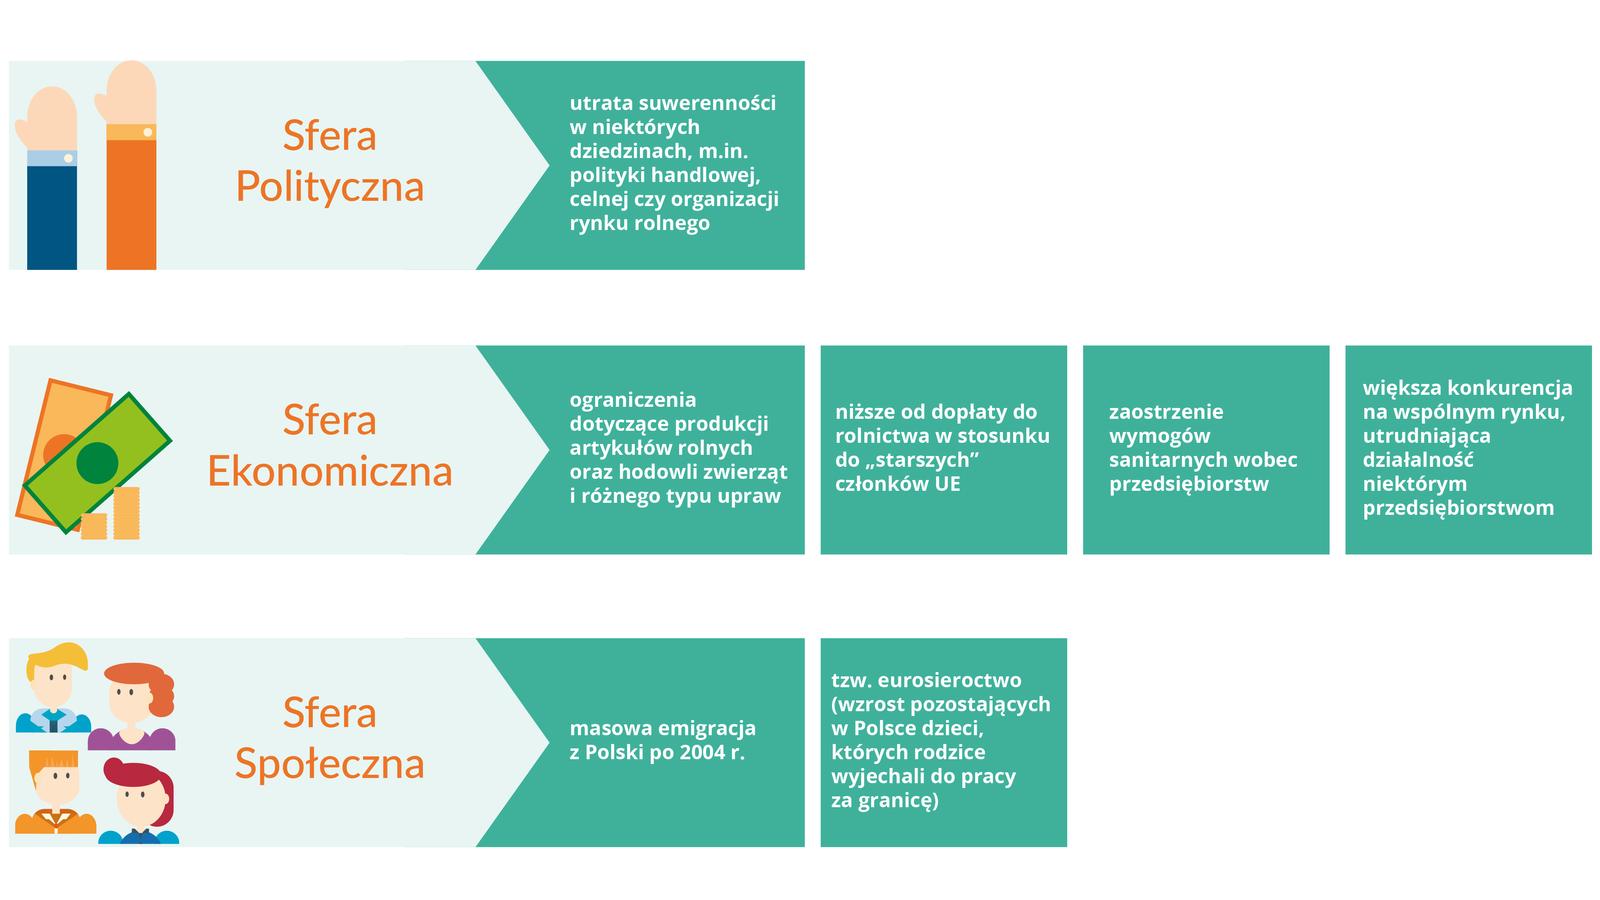 Koszty Źródło: Contentplus.pl sp. zo.o., licencja: CC BY 3.0.